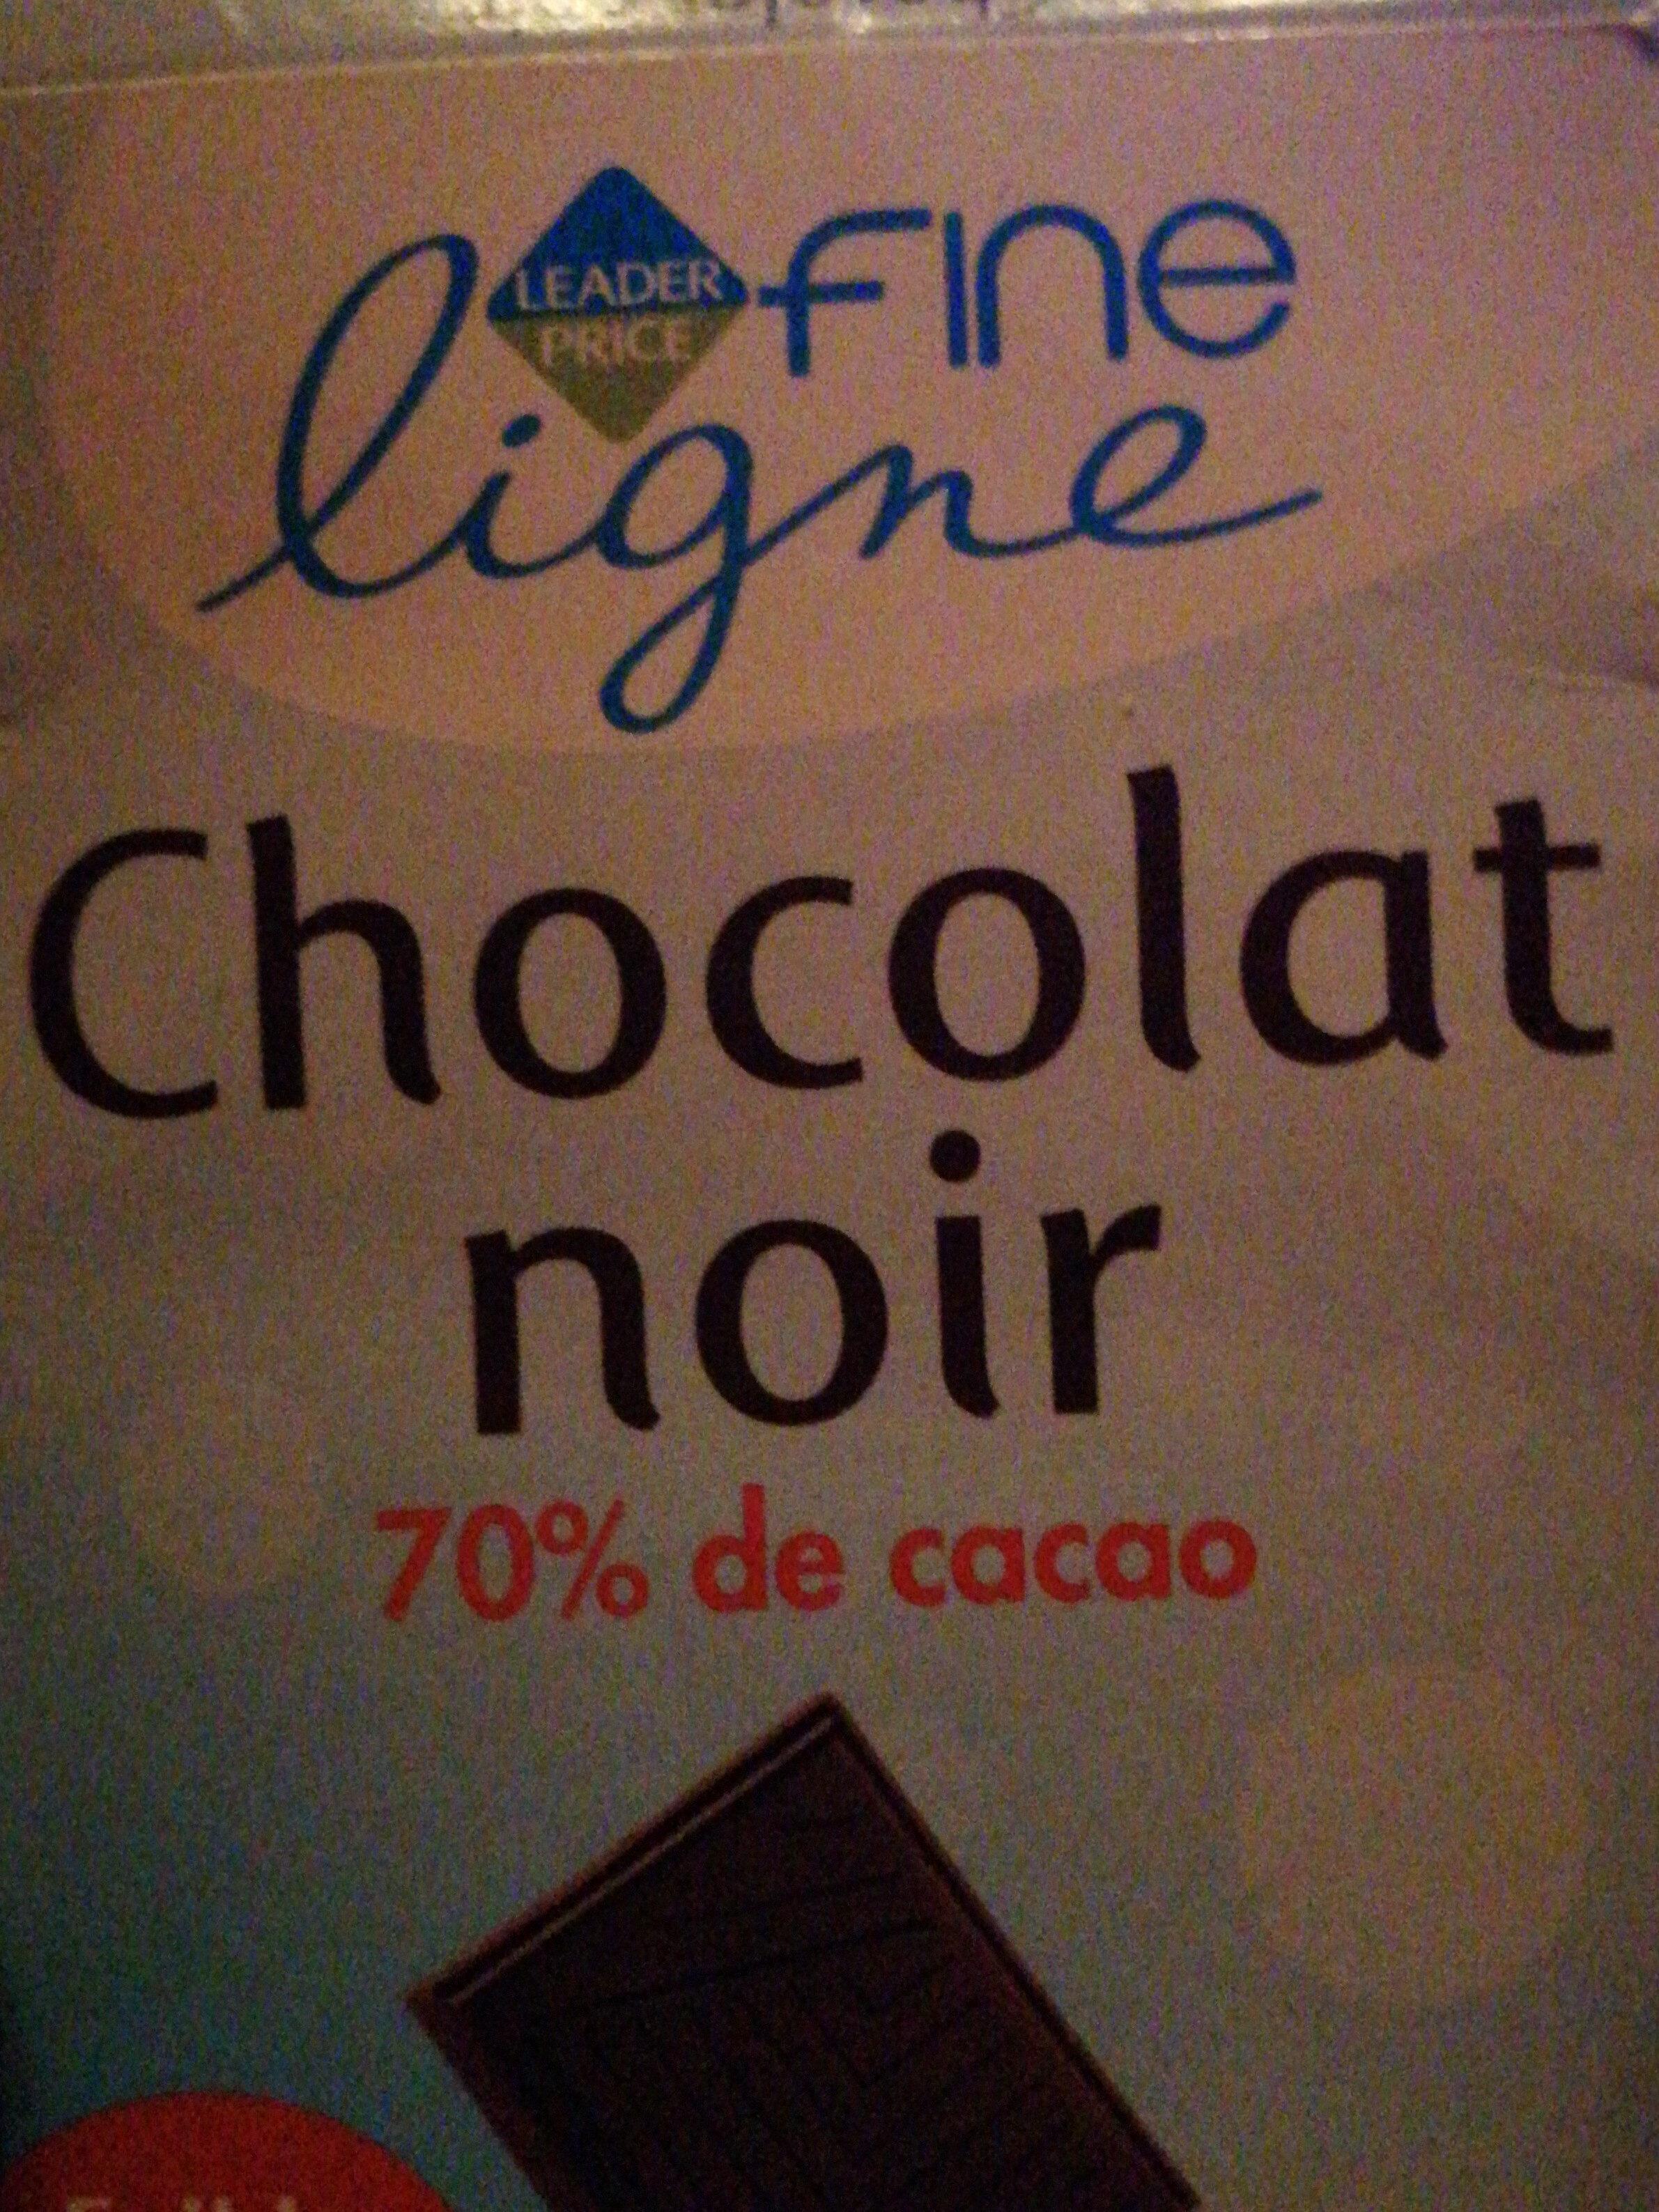 chocolat ligne - Product - fr